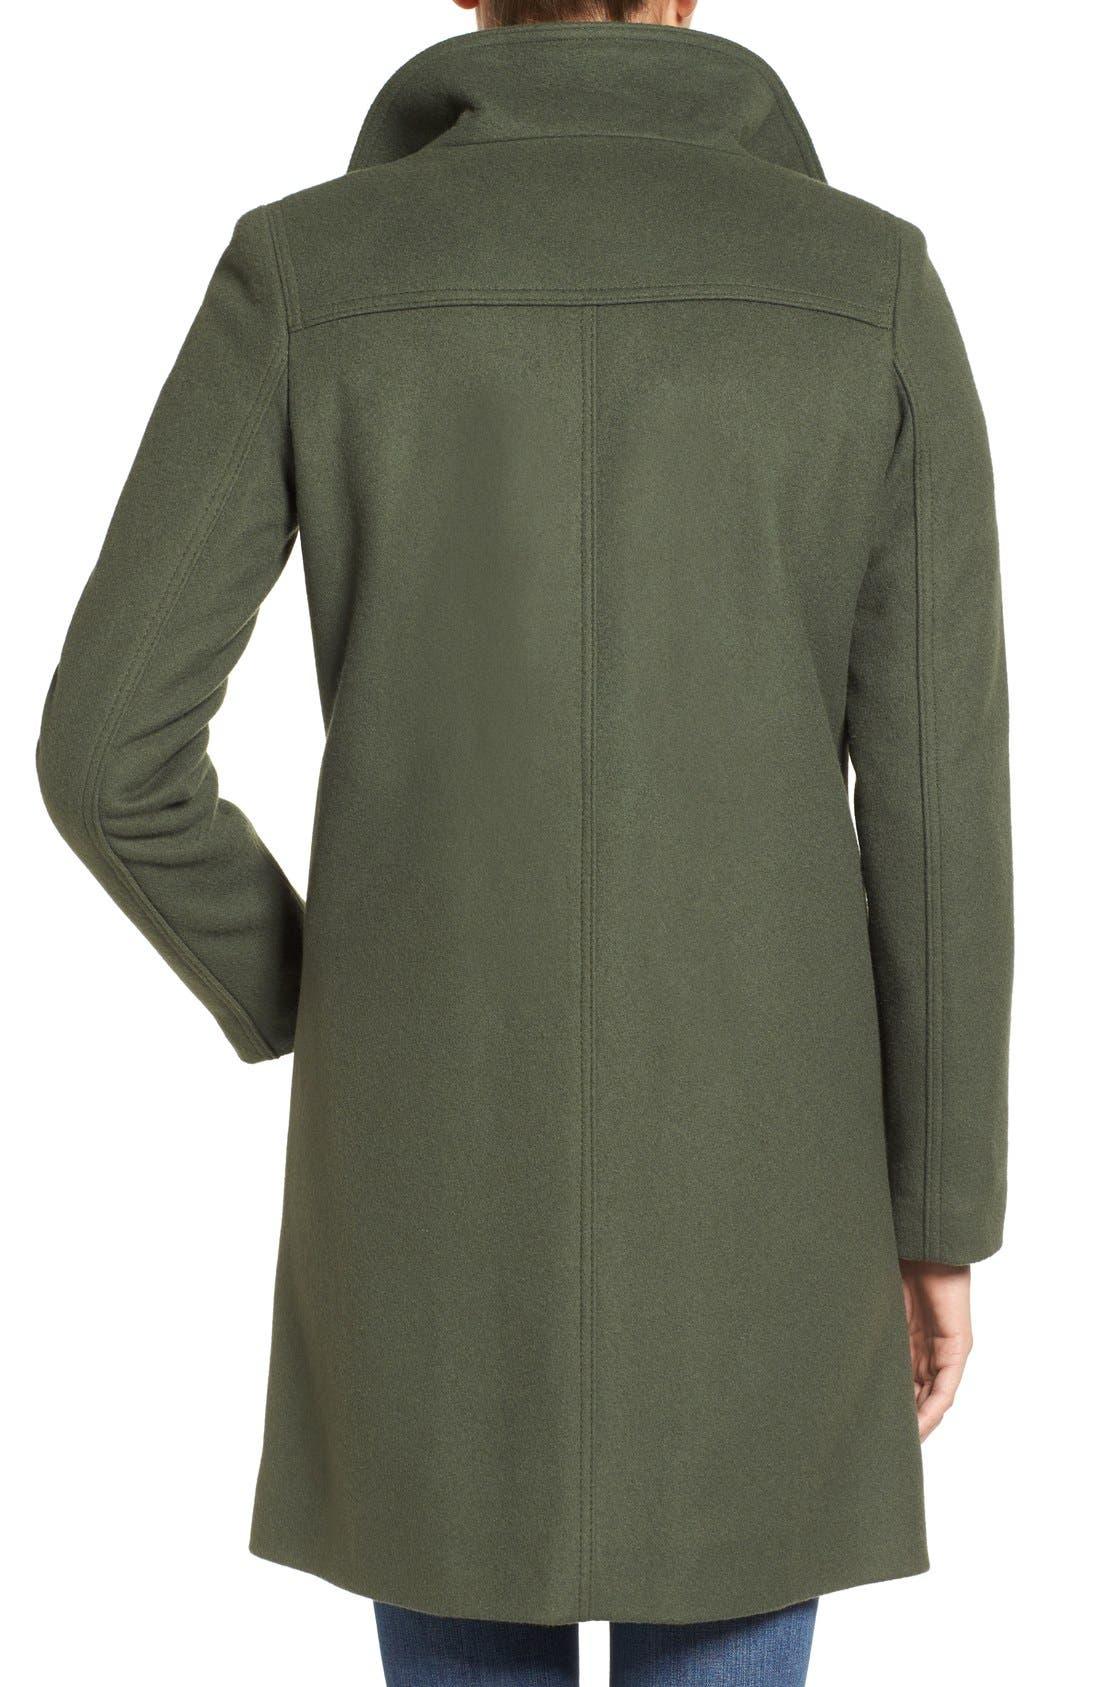 Alternate Image 3  - Kristen Blake Funnel Neck Wool Blend Coat  (Regular & Petite)